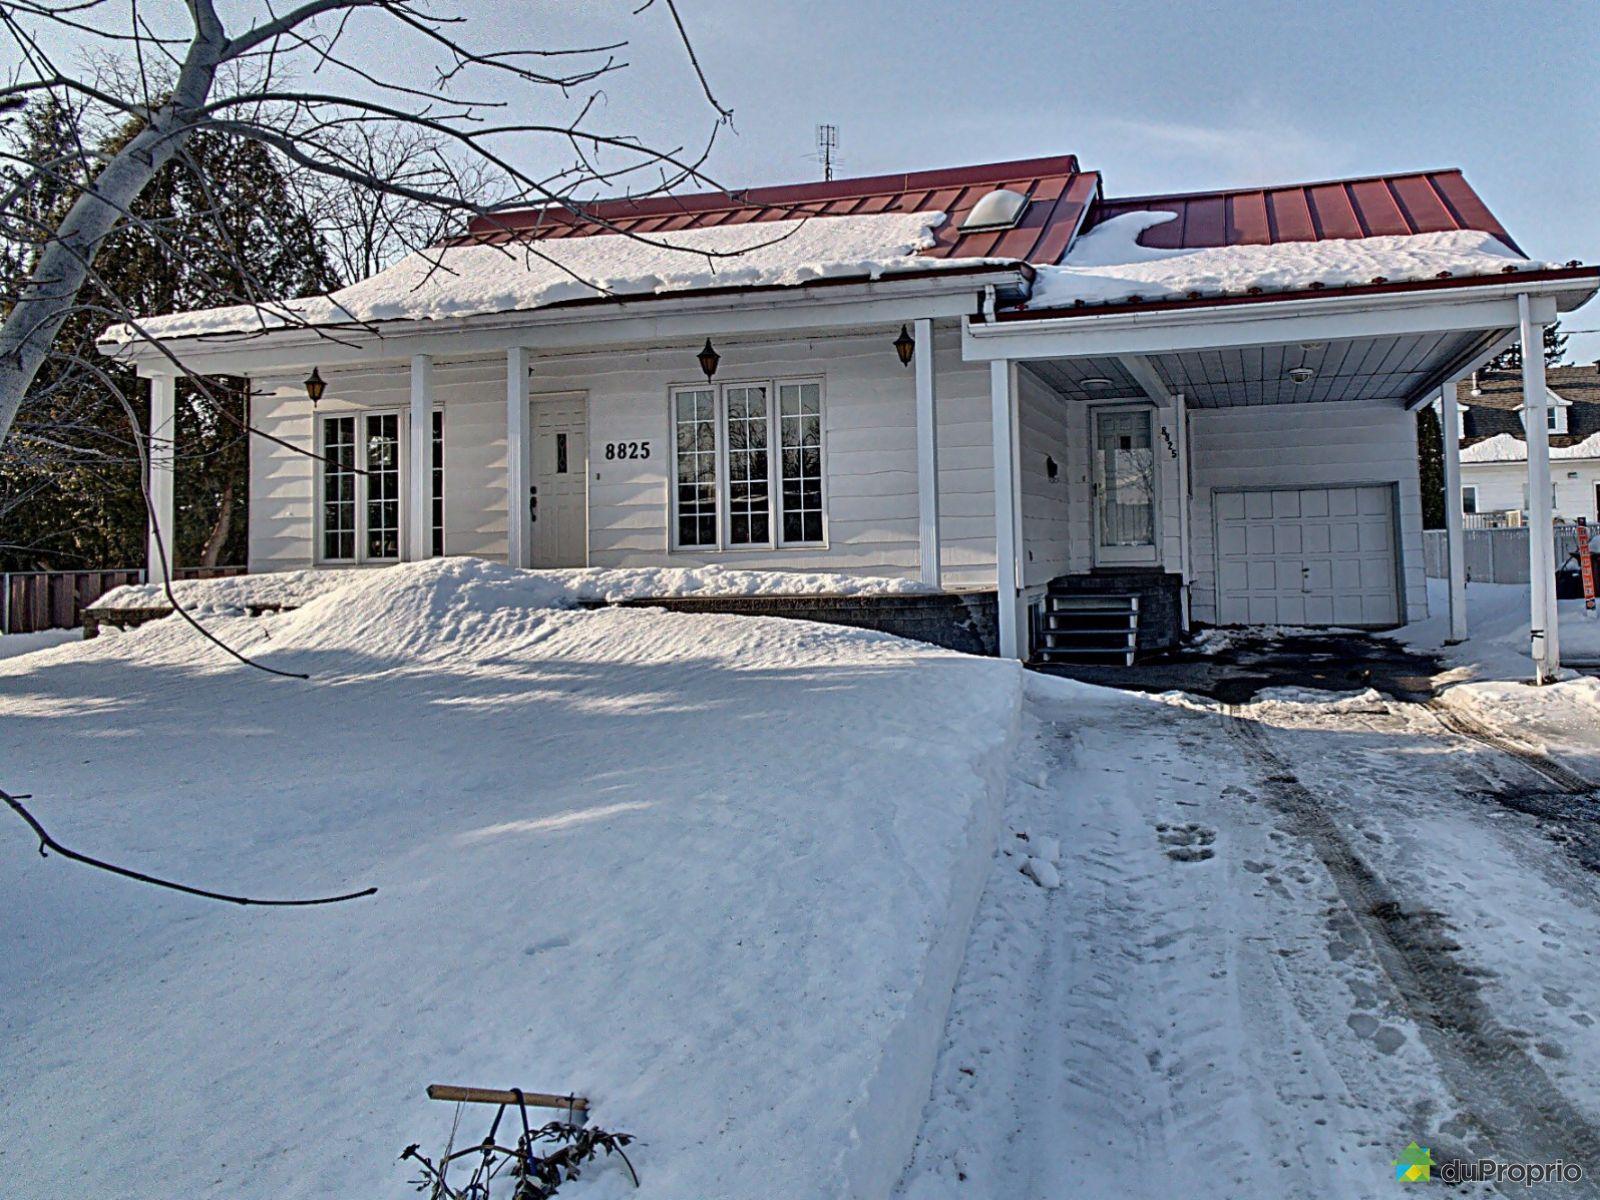 Winter Front - 8825 avenue Gravel, St-François for sale